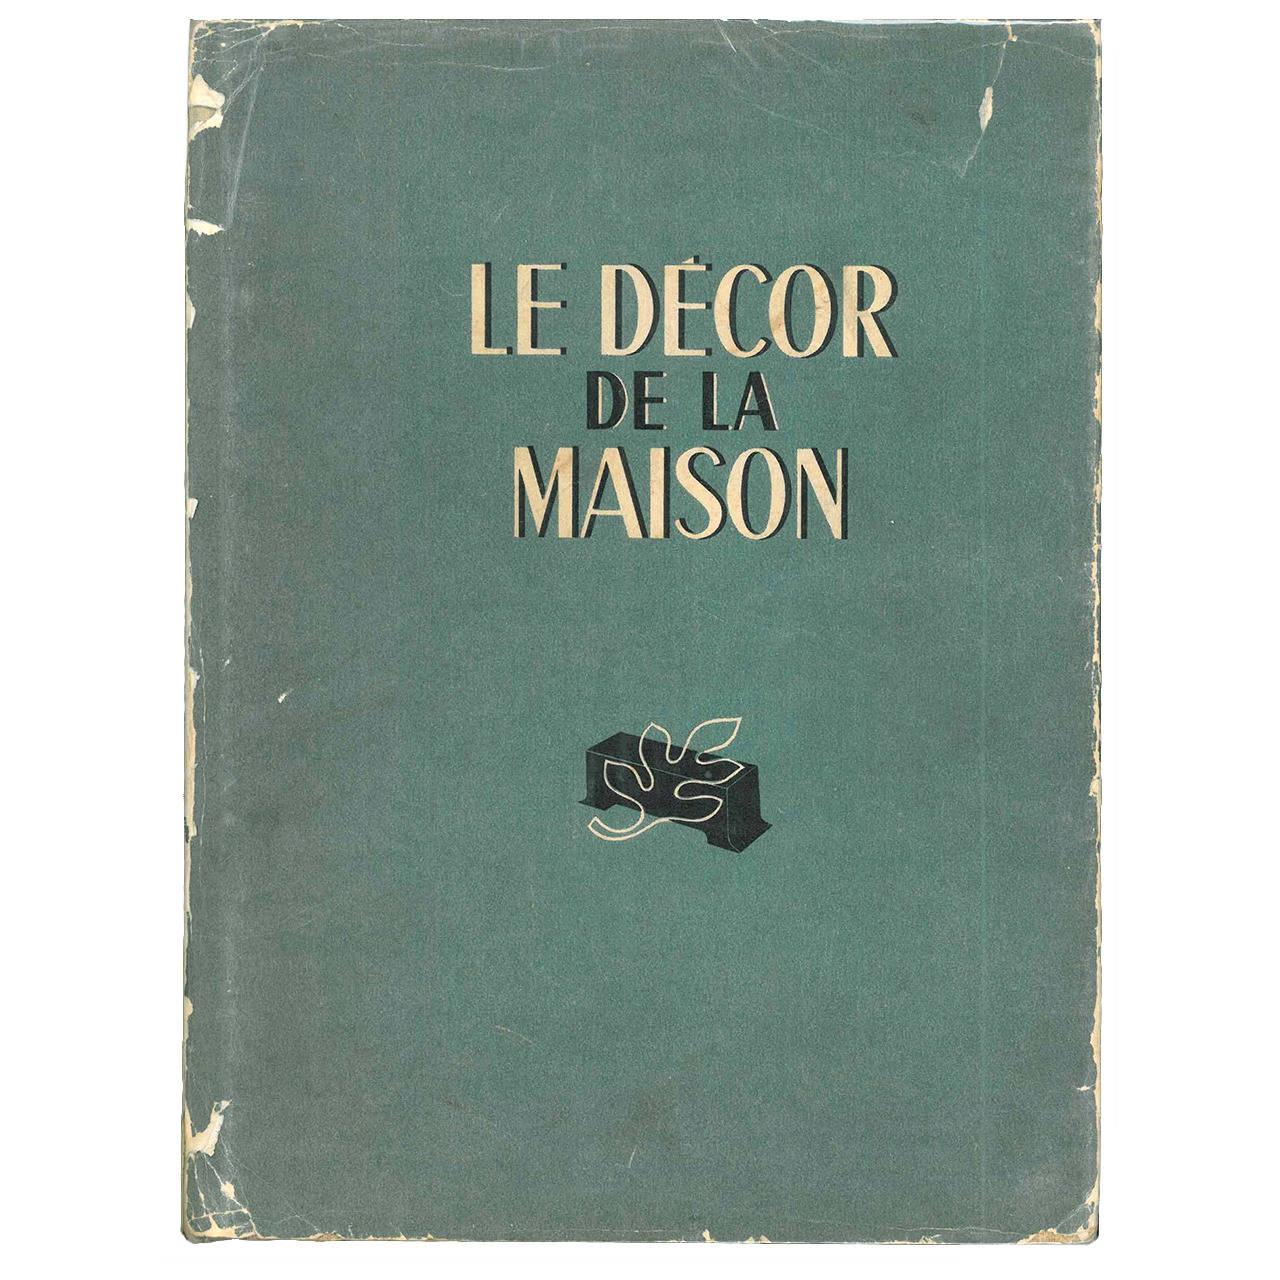 Le decor de la maison book 9 volumes at 1stdibs for Le decor des maisons